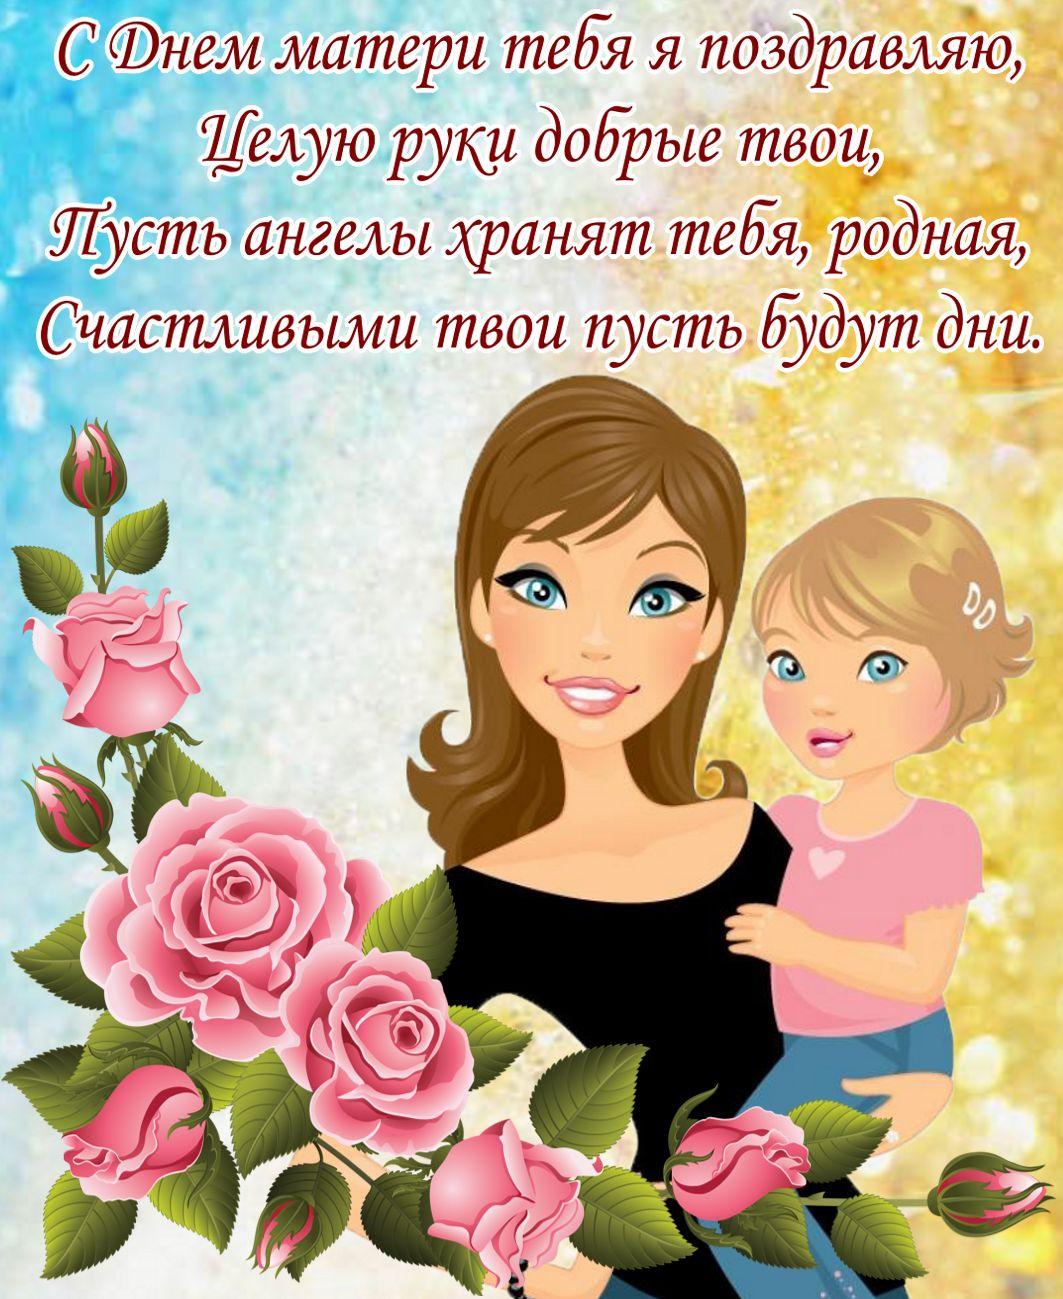 Поздравления маме на праздник день матери